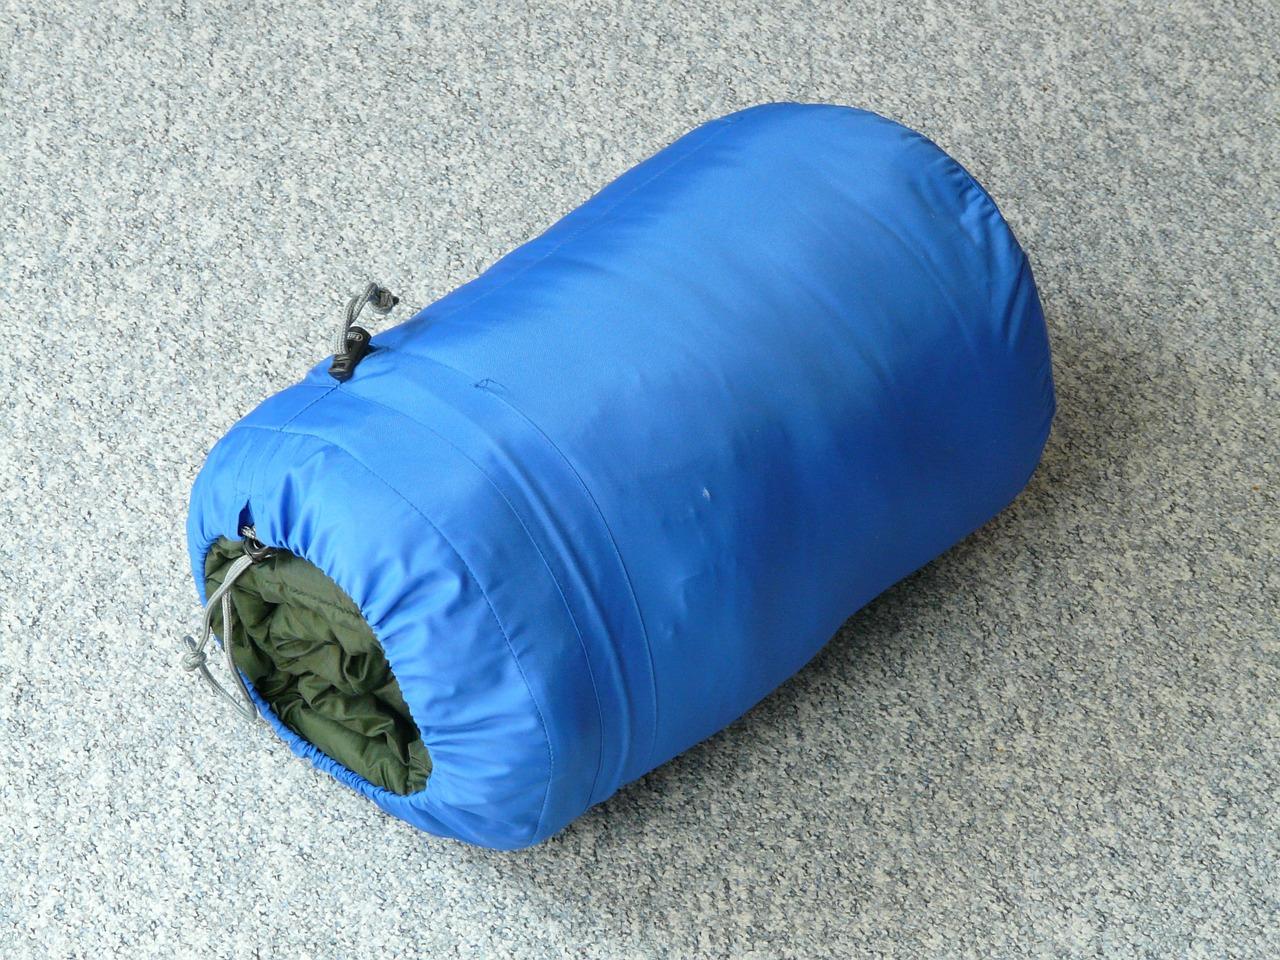 Ein kleines Packmaß und geringes Gewicht ist bei einem Sommerschlafsack besonders wichitg, wenn man eine längere Tour starten möchte.